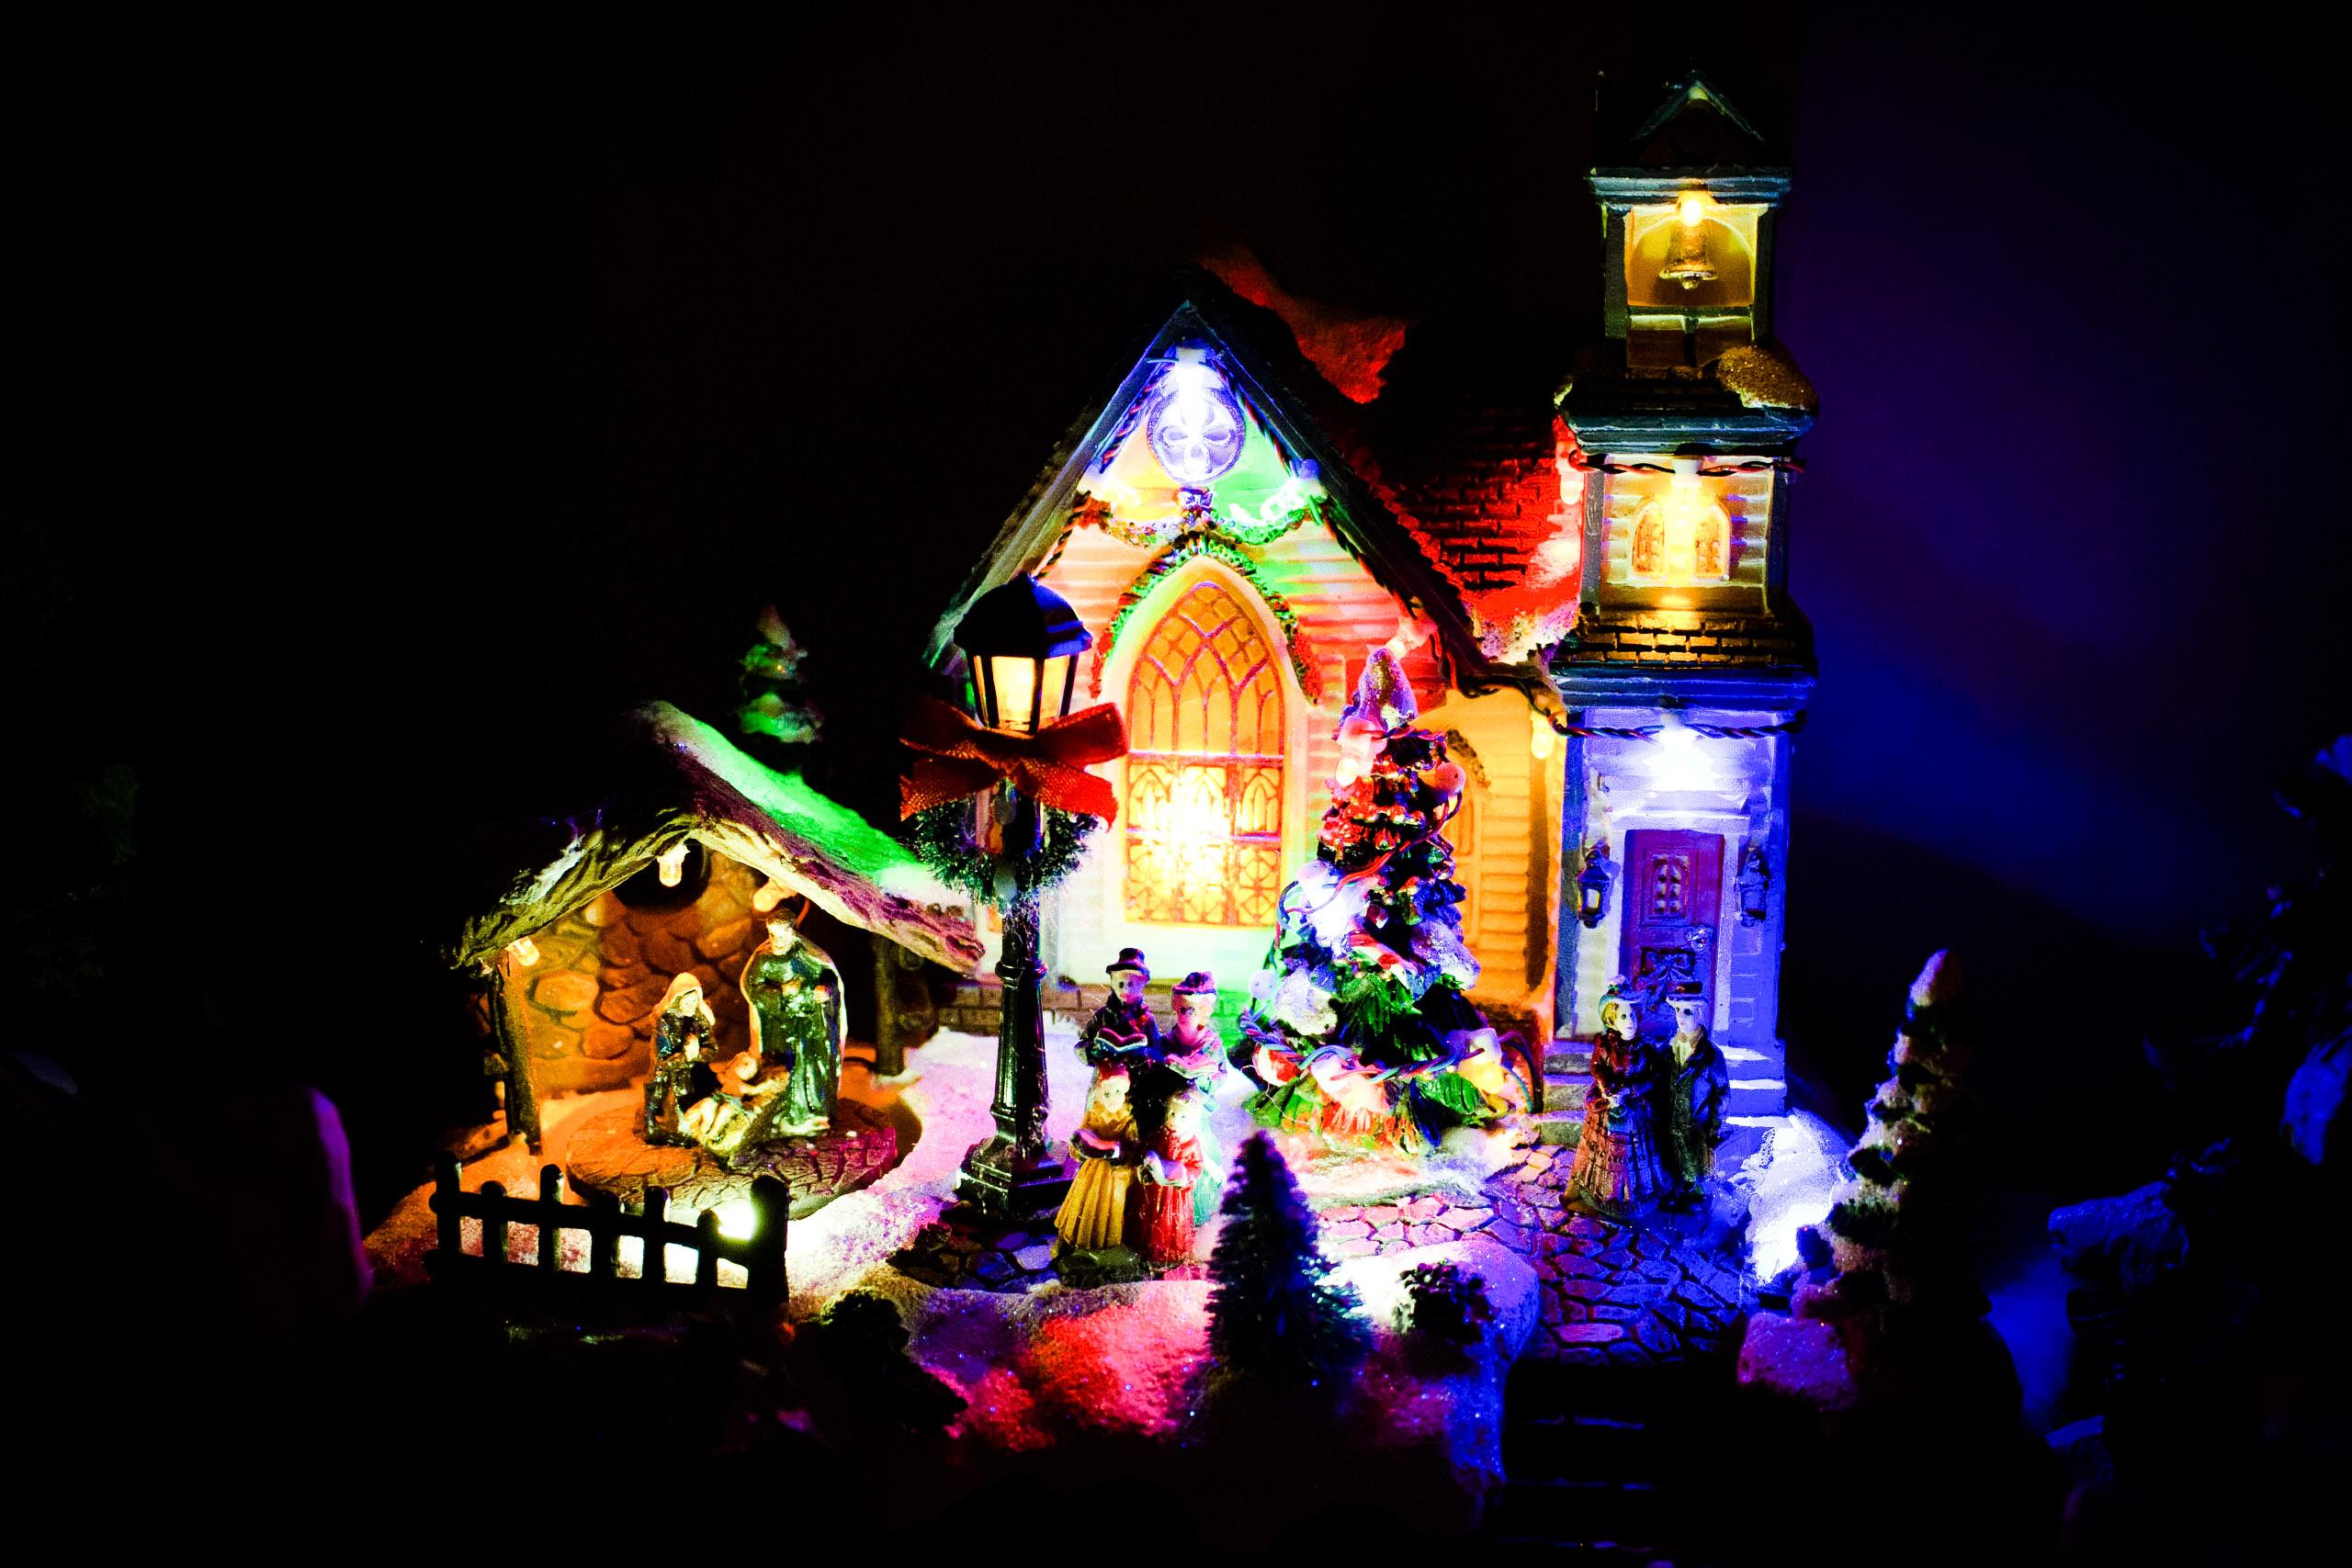 Weihnachten im Mini-Format